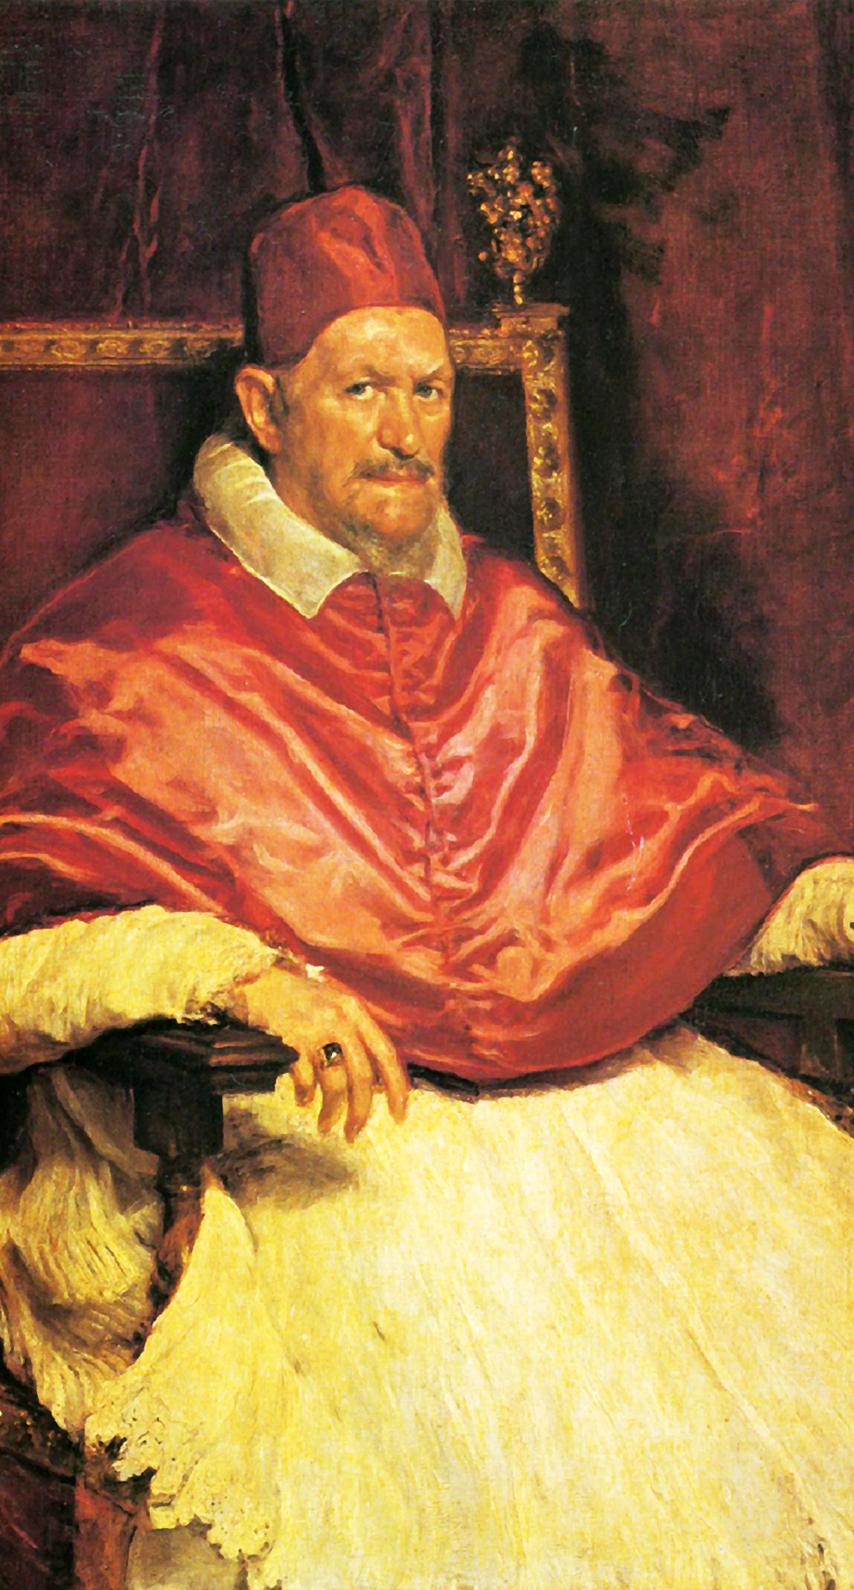 ディエゴ・ベラスケスの画像 p1_37